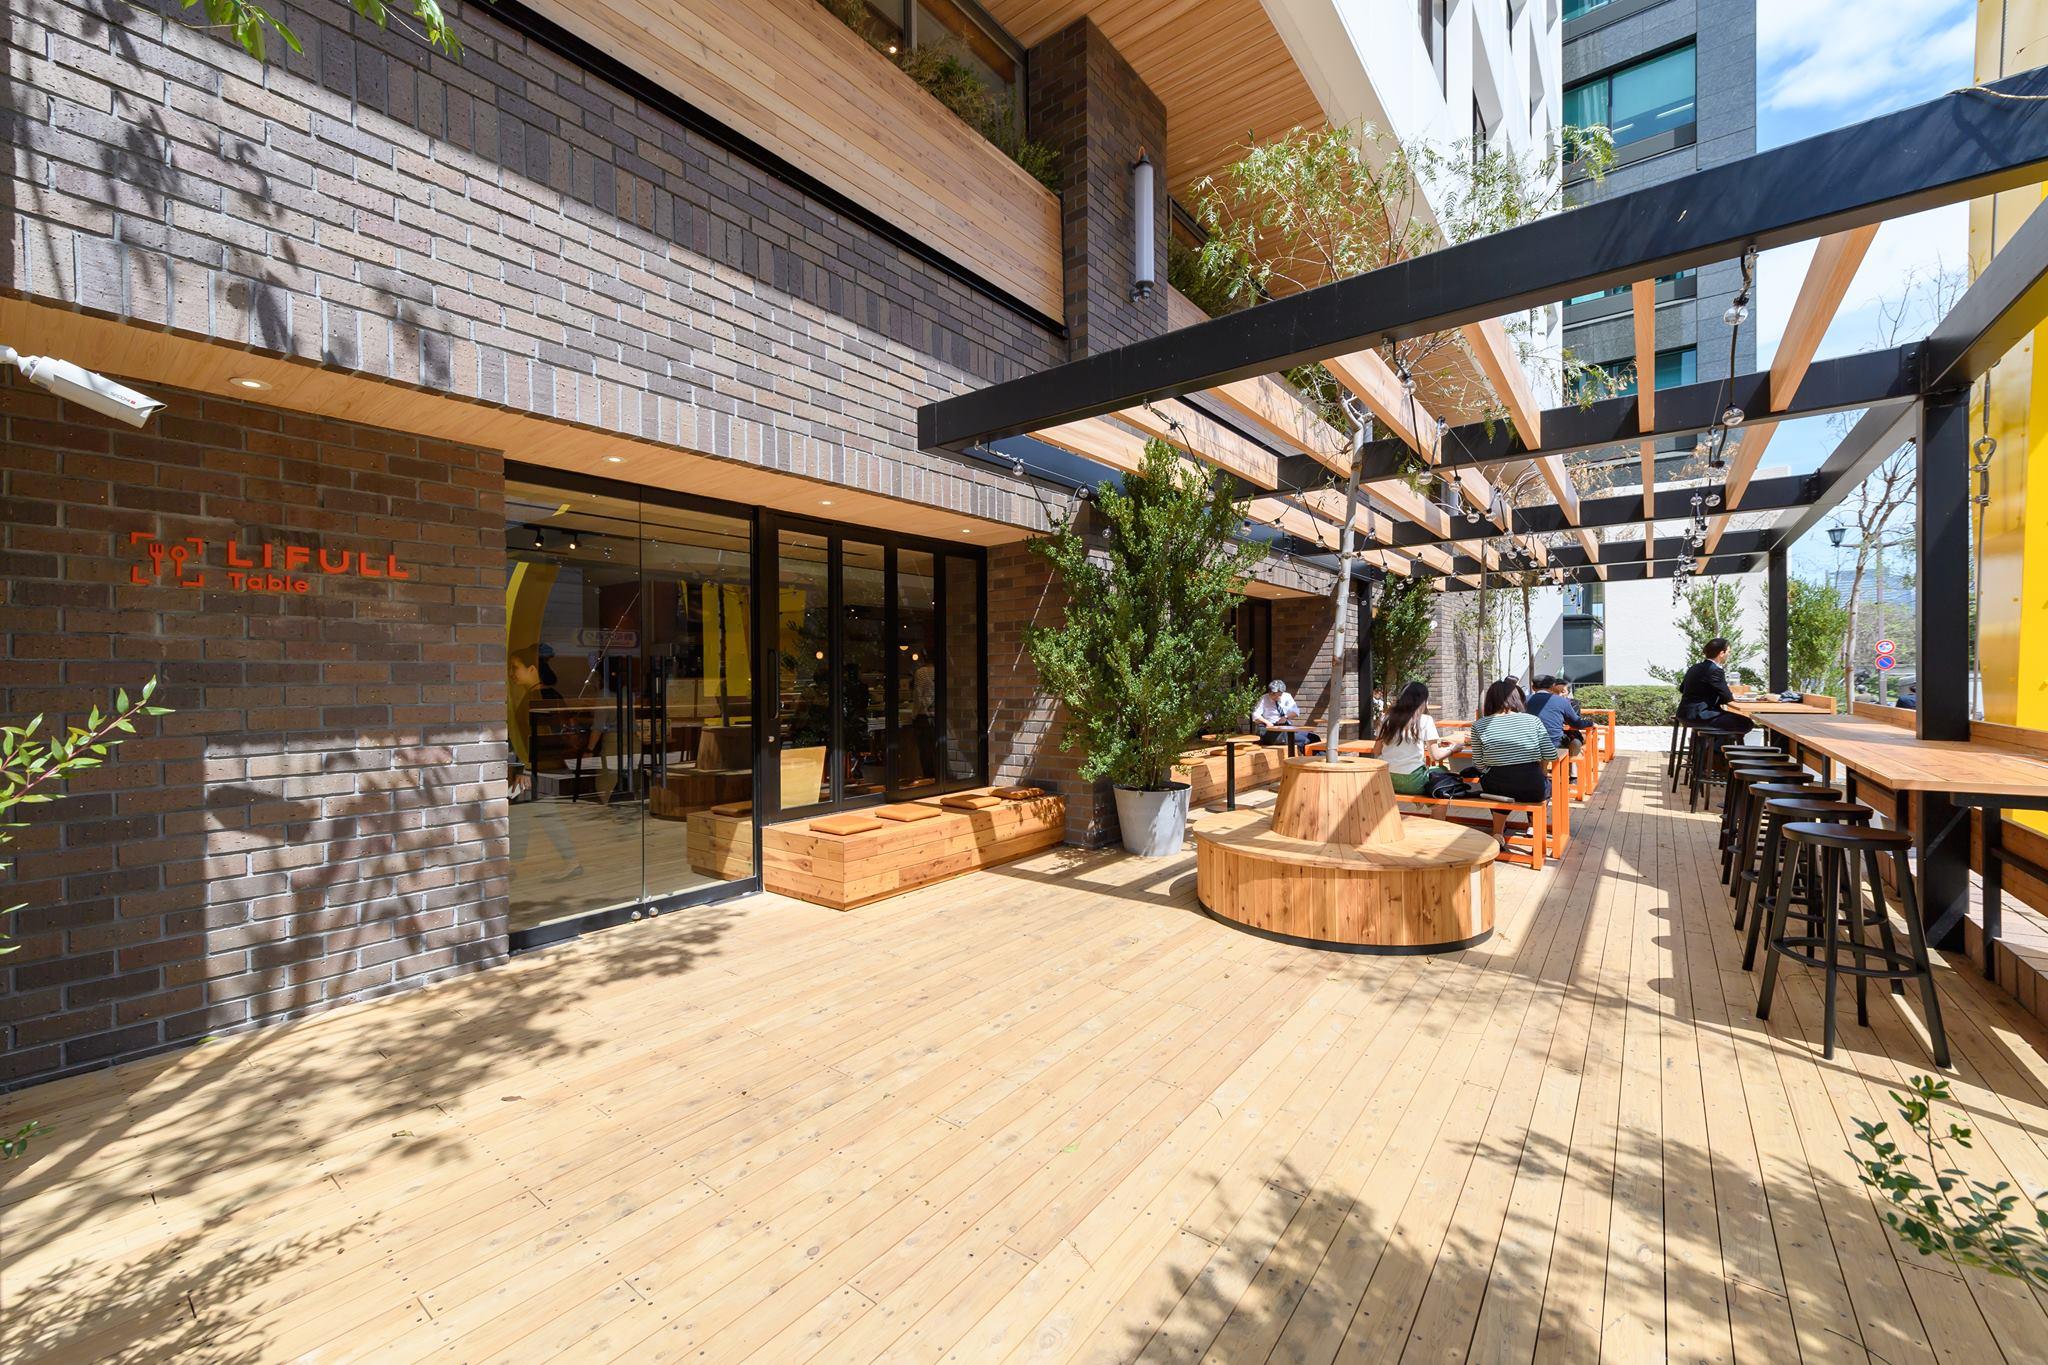 ビルの1階に社員食堂兼カフェが併設されている。